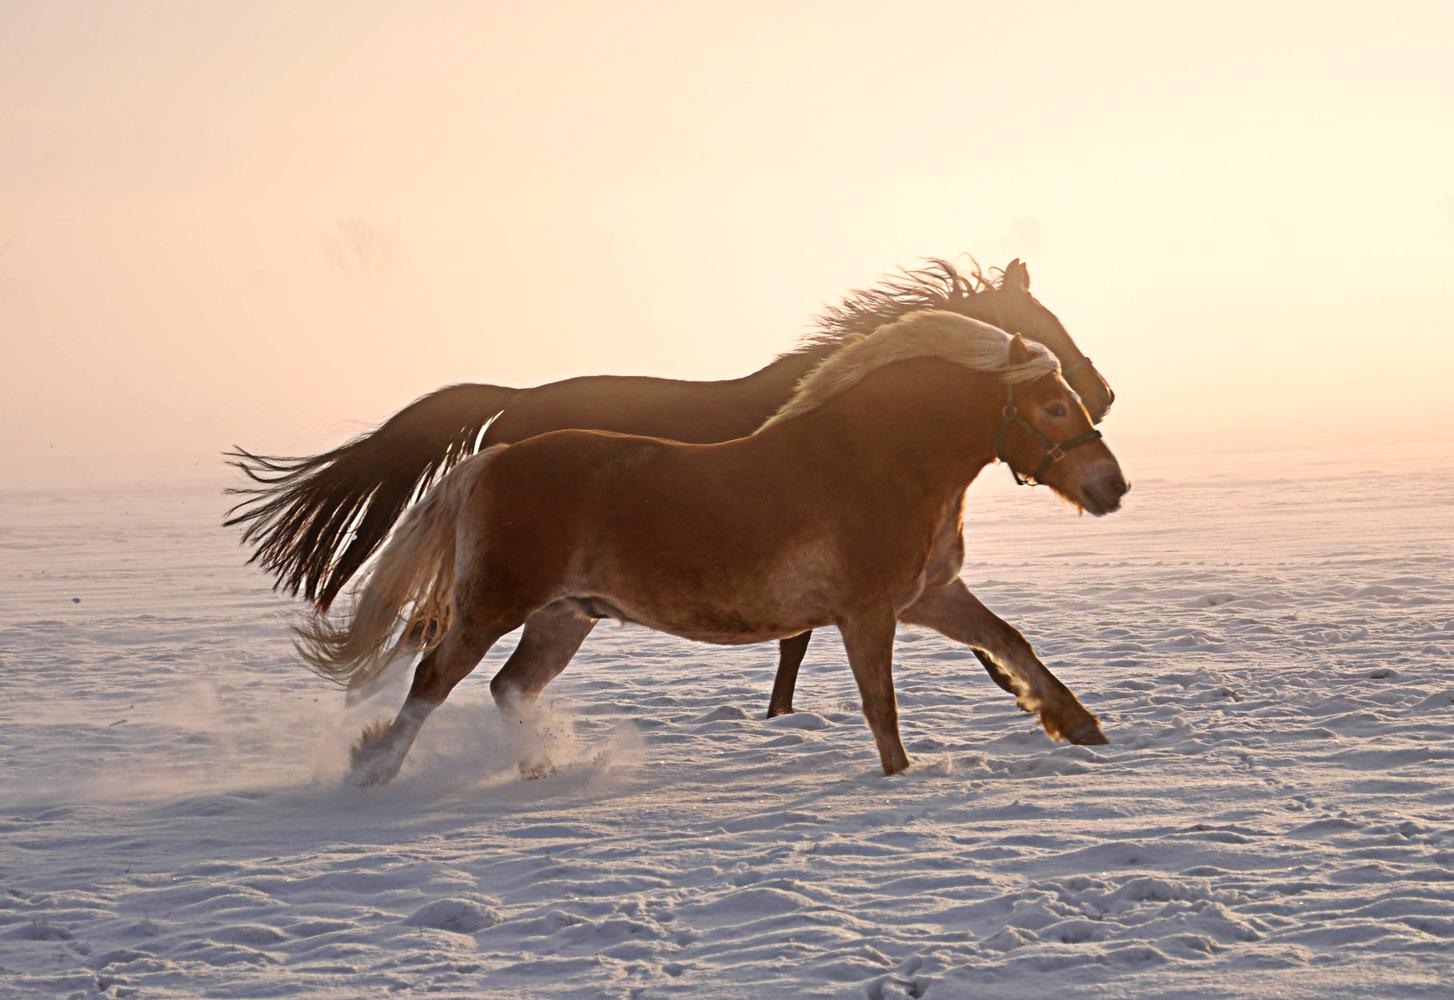 pferde im schnee iv foto bild tiere haustiere pferde esel maultiere bilder auf fotocommunity. Black Bedroom Furniture Sets. Home Design Ideas